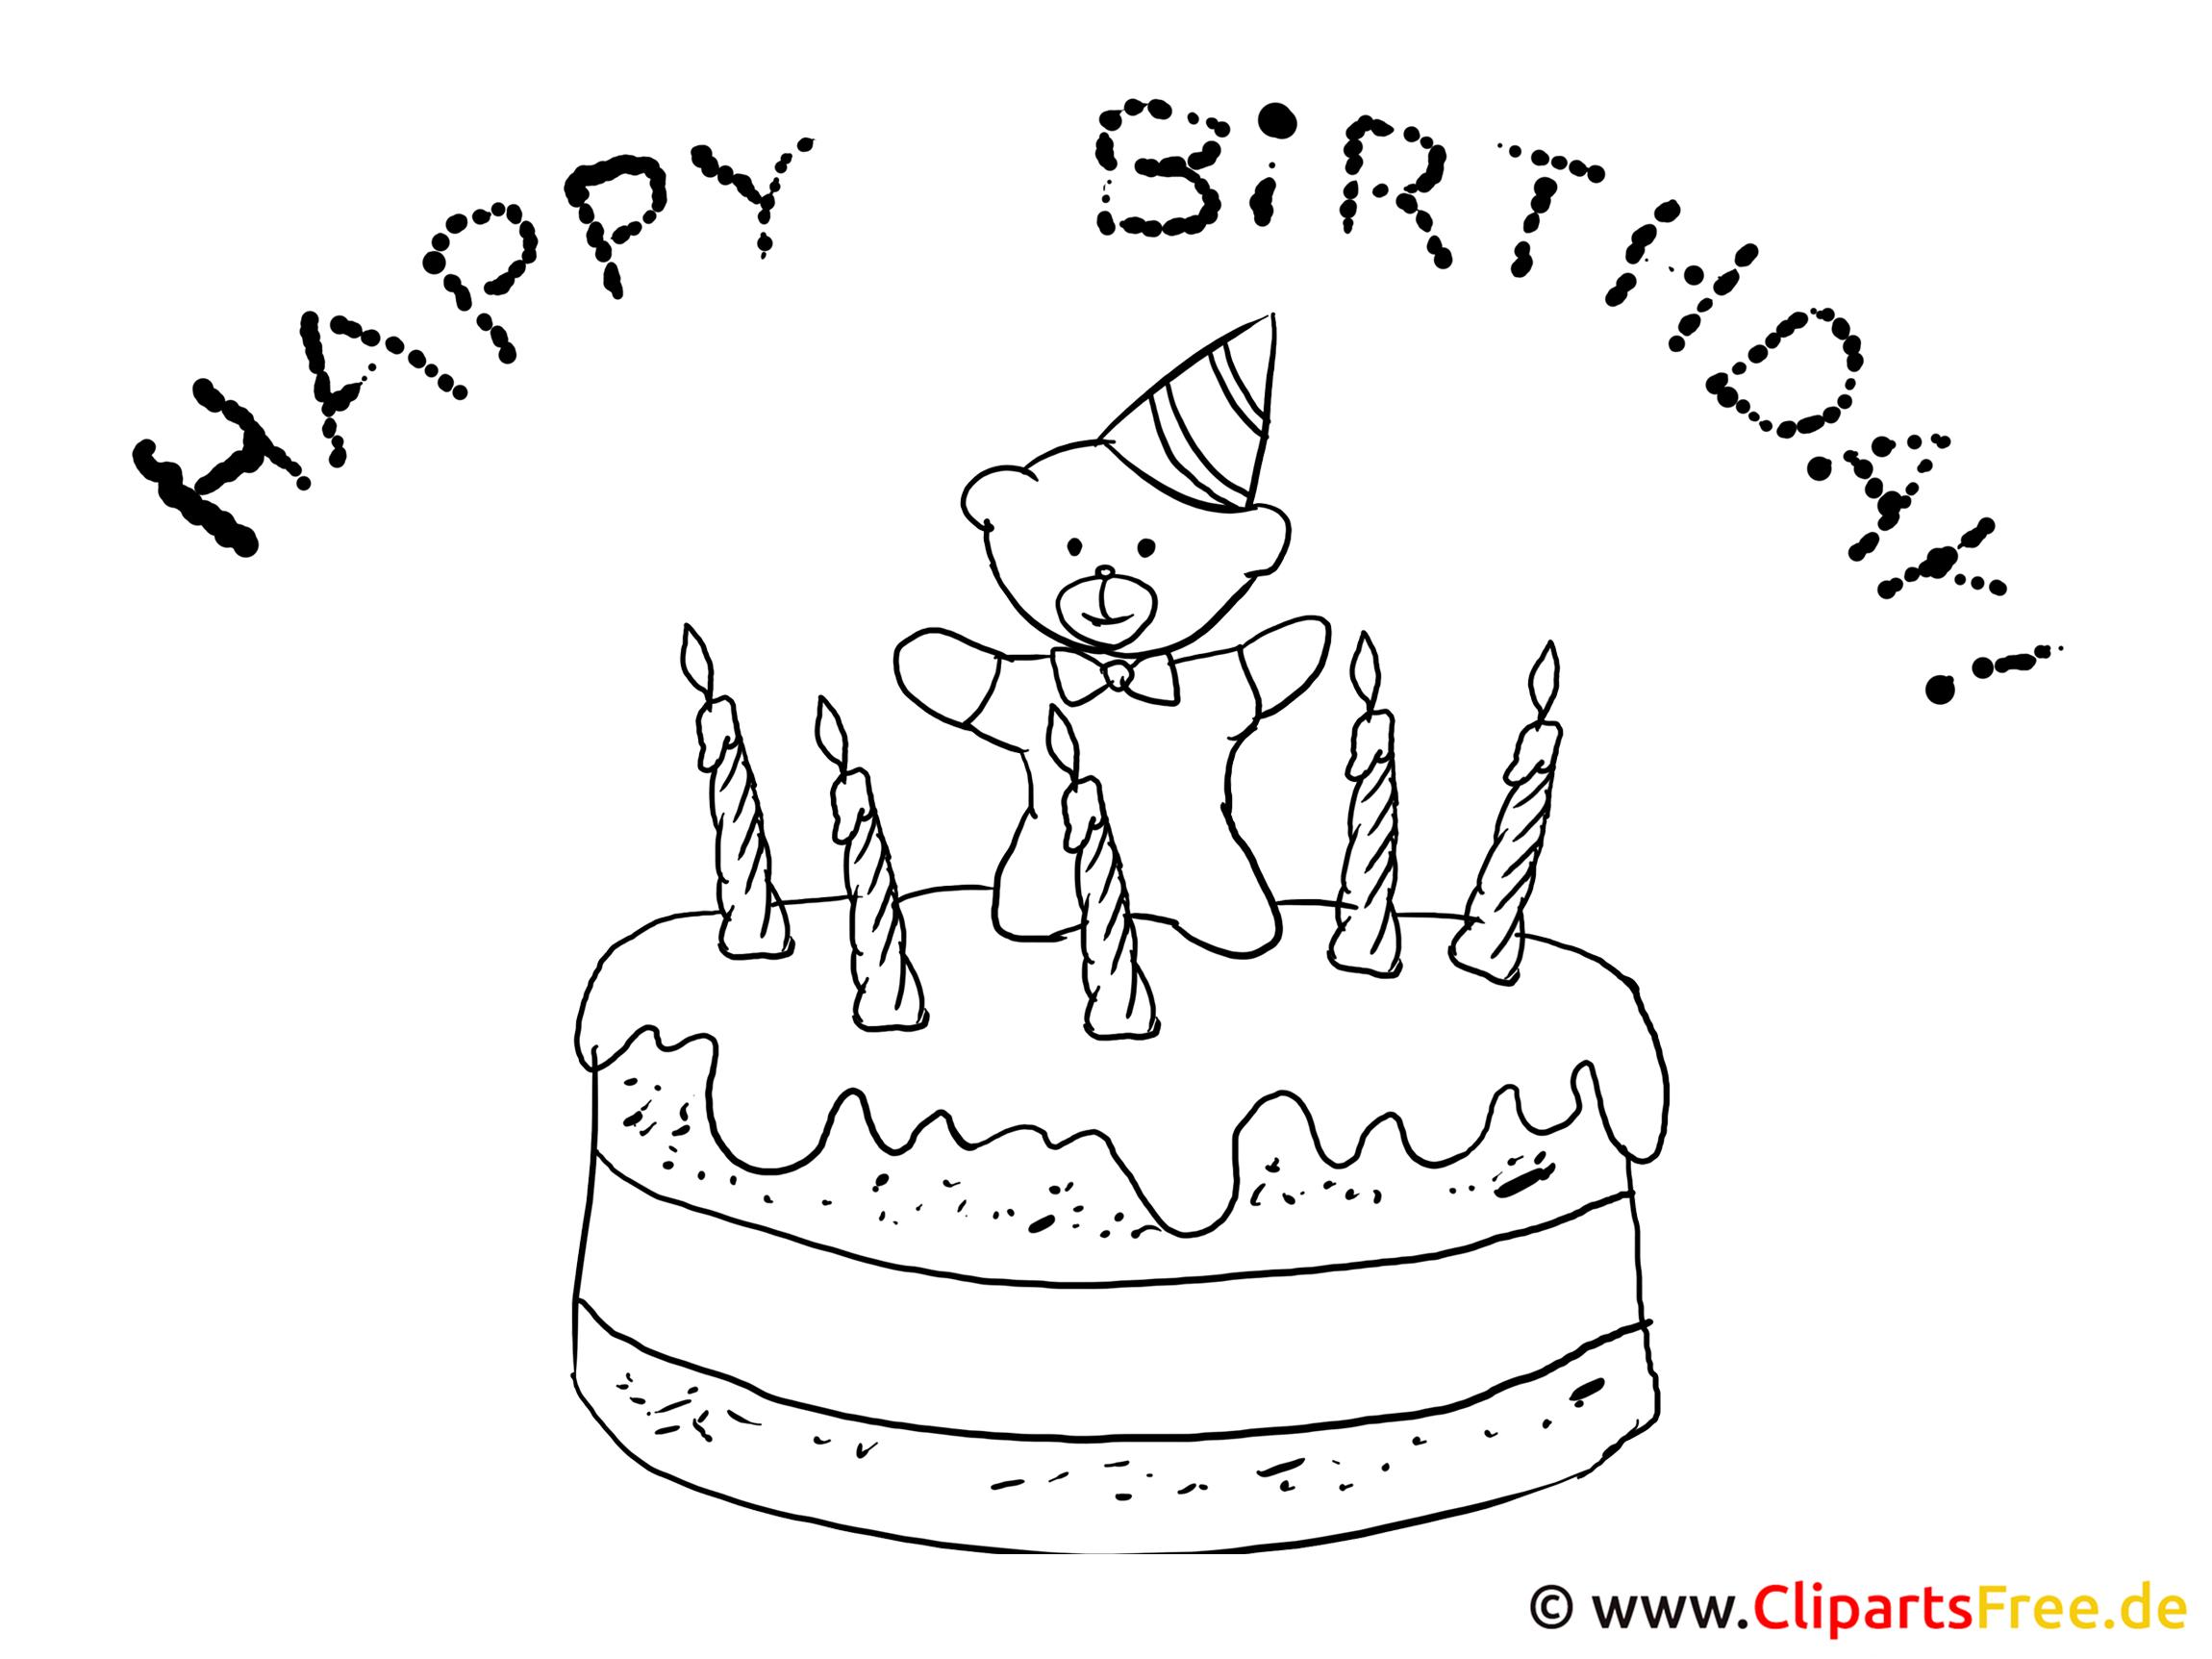 Ausmalbild Torte Zum Geburtstag für Ausmalbild Torte